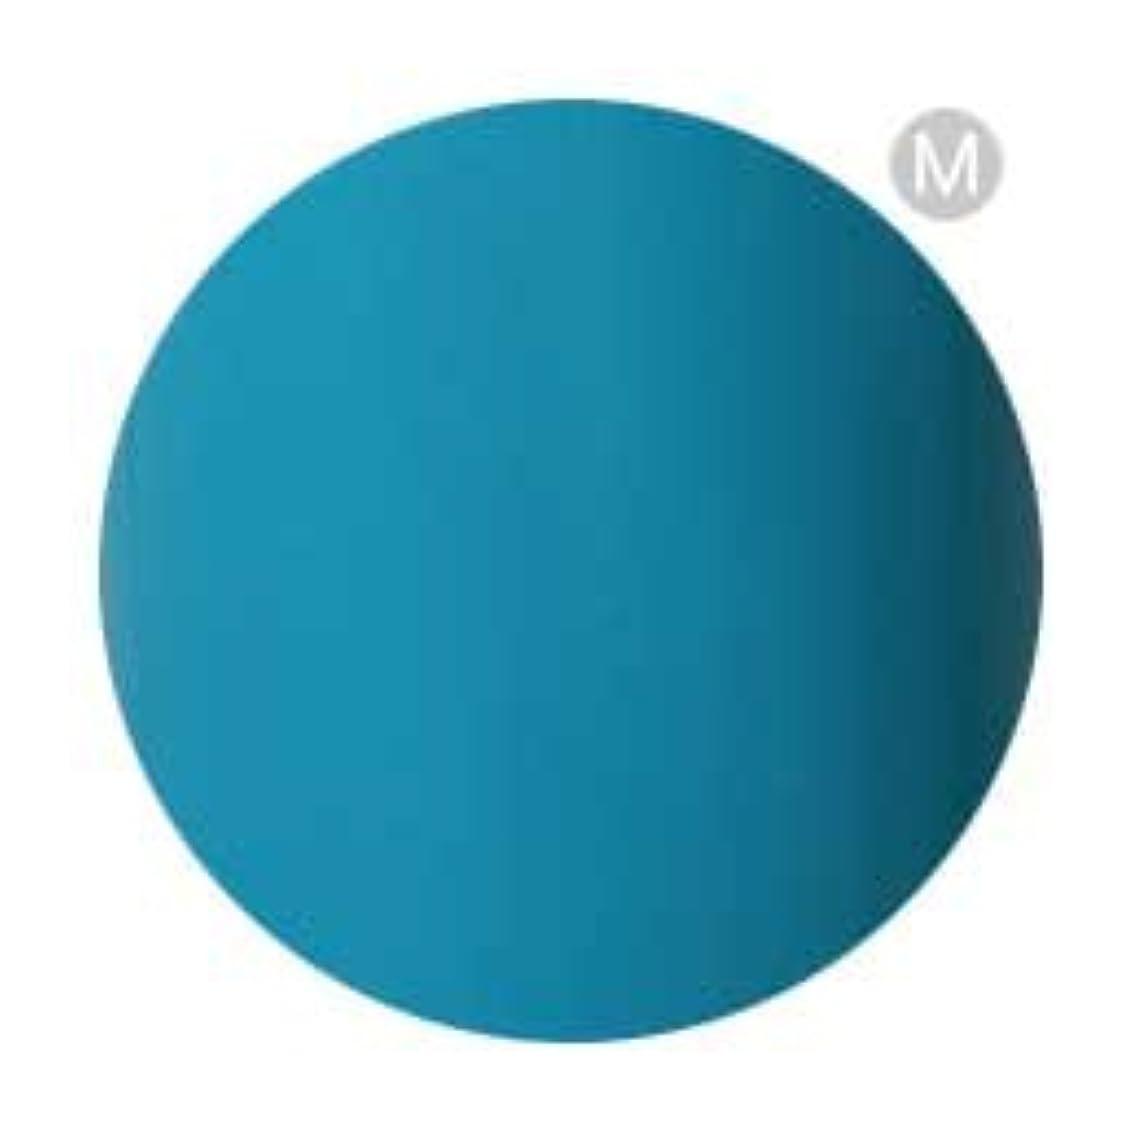 キャンバス普通に別にPalms Graceful カラージェル 3g 079 ターコイズブルー